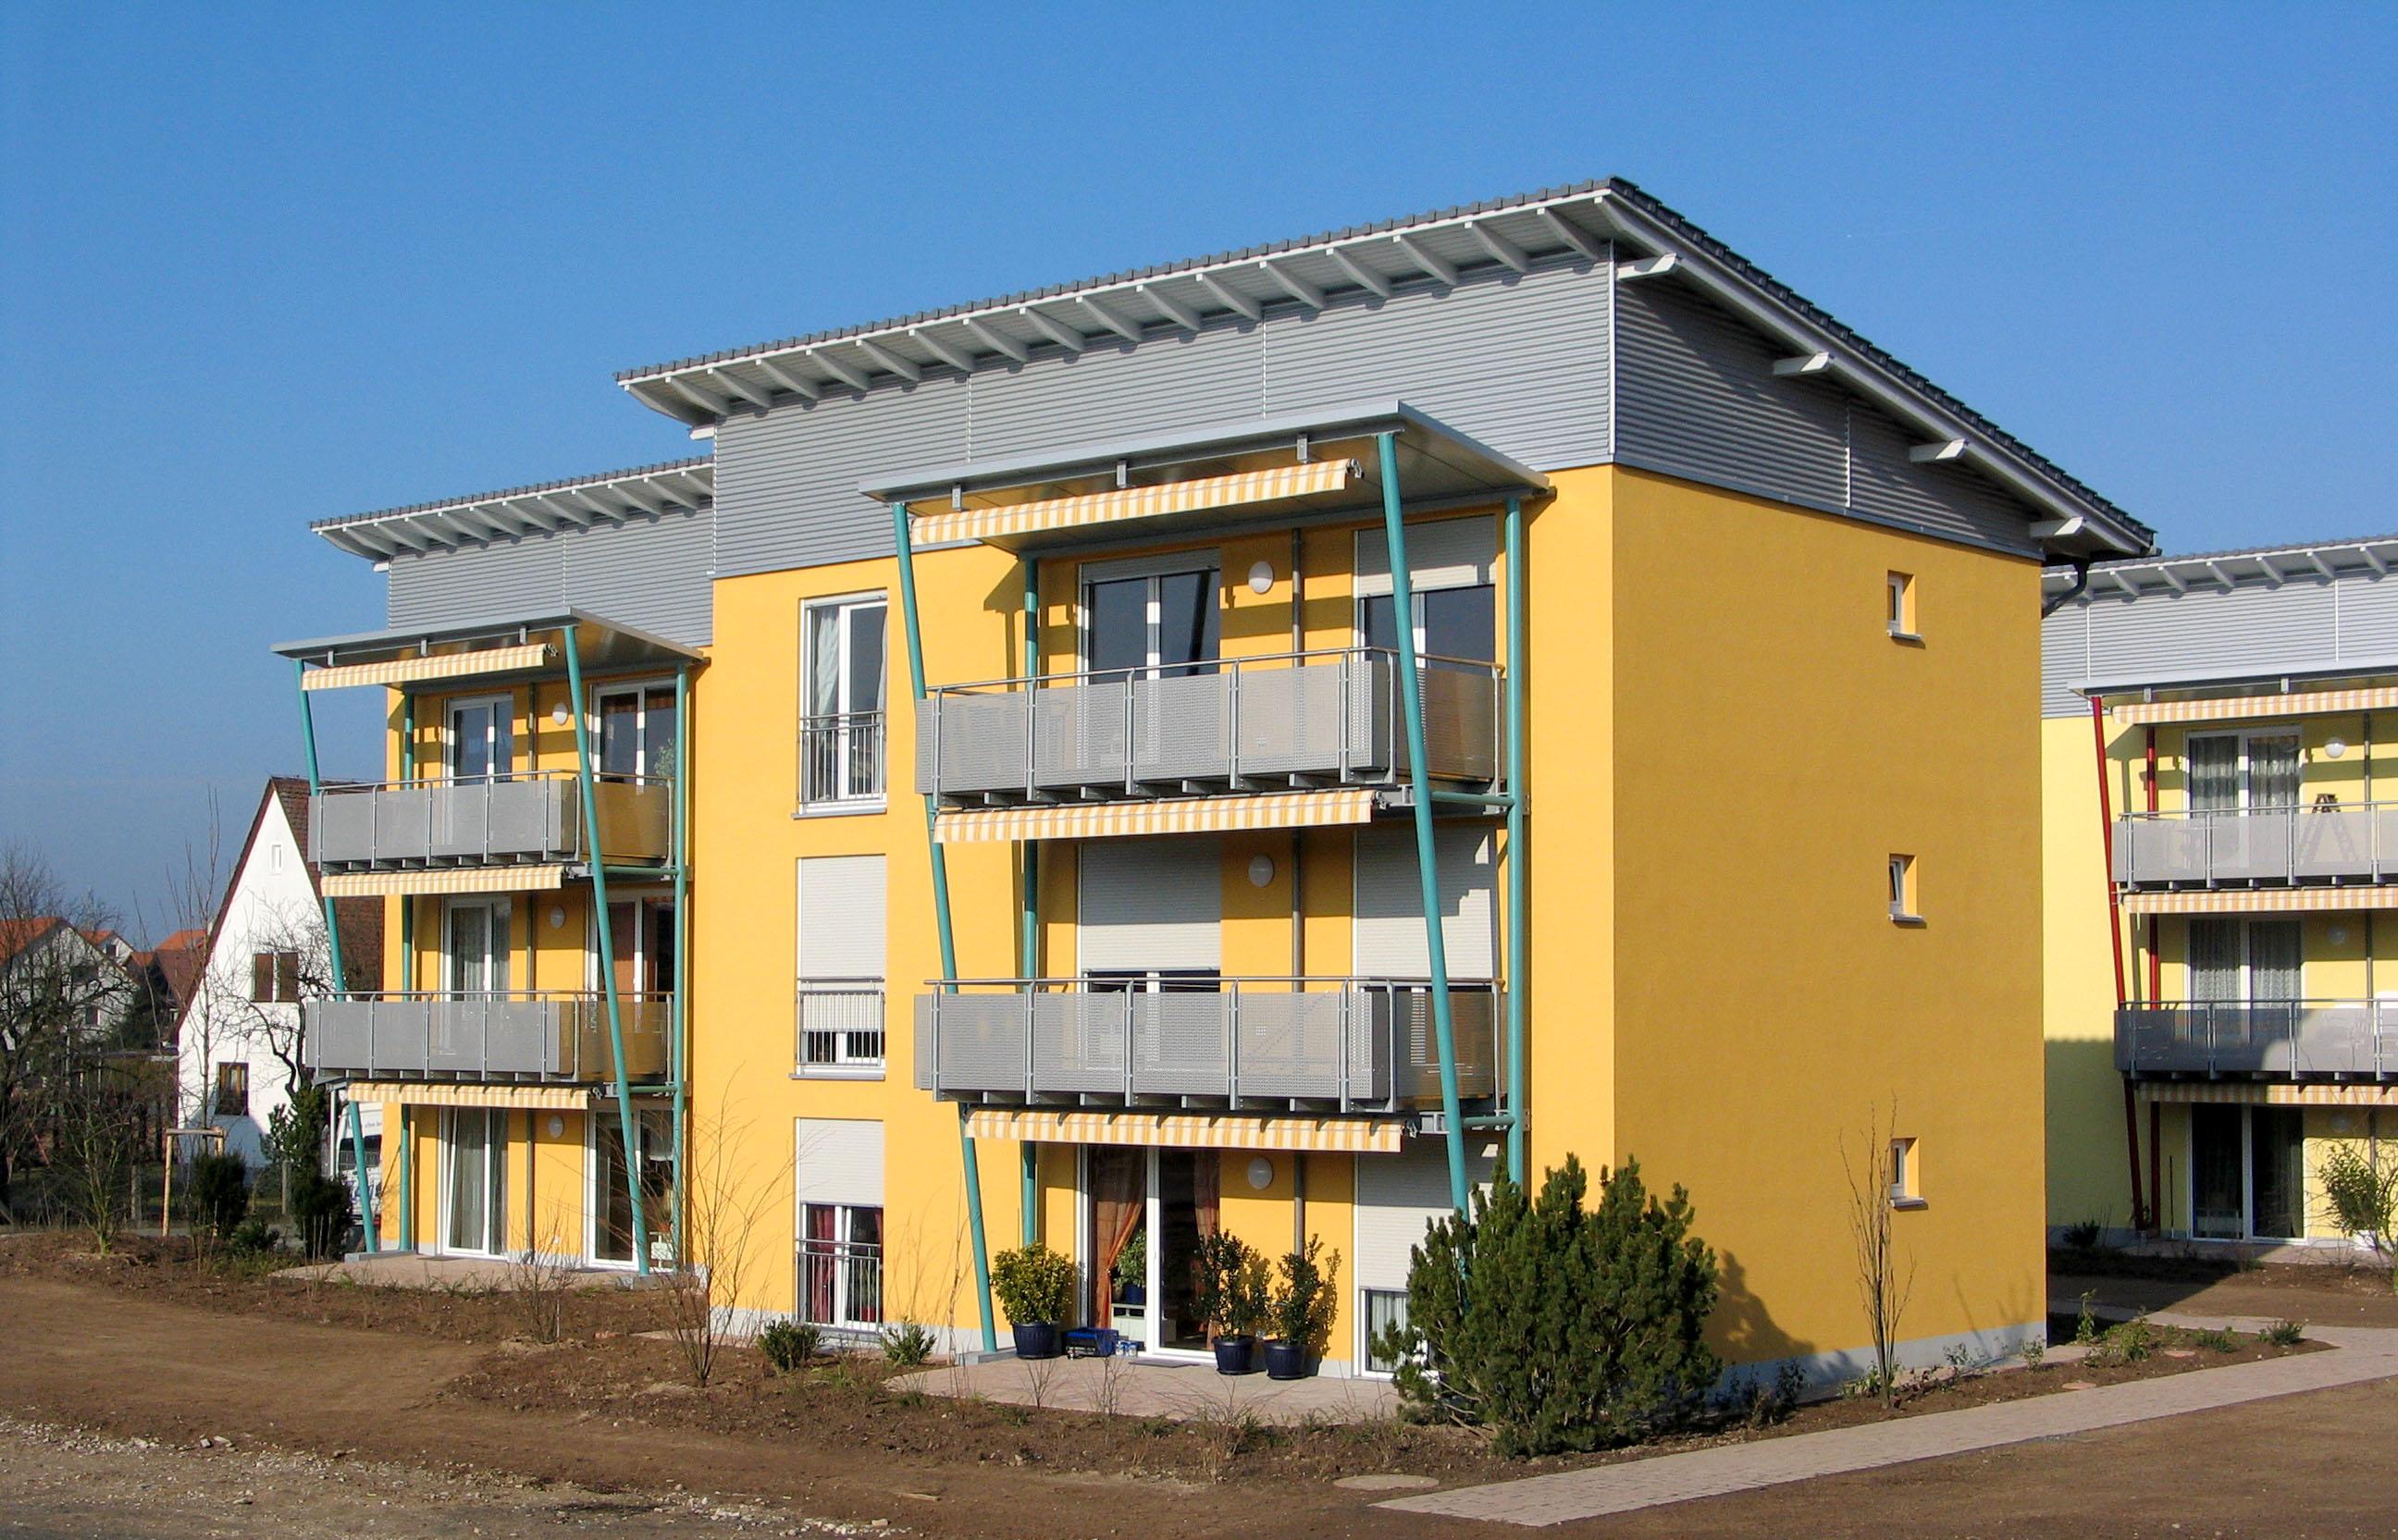 Bernbacherstraße